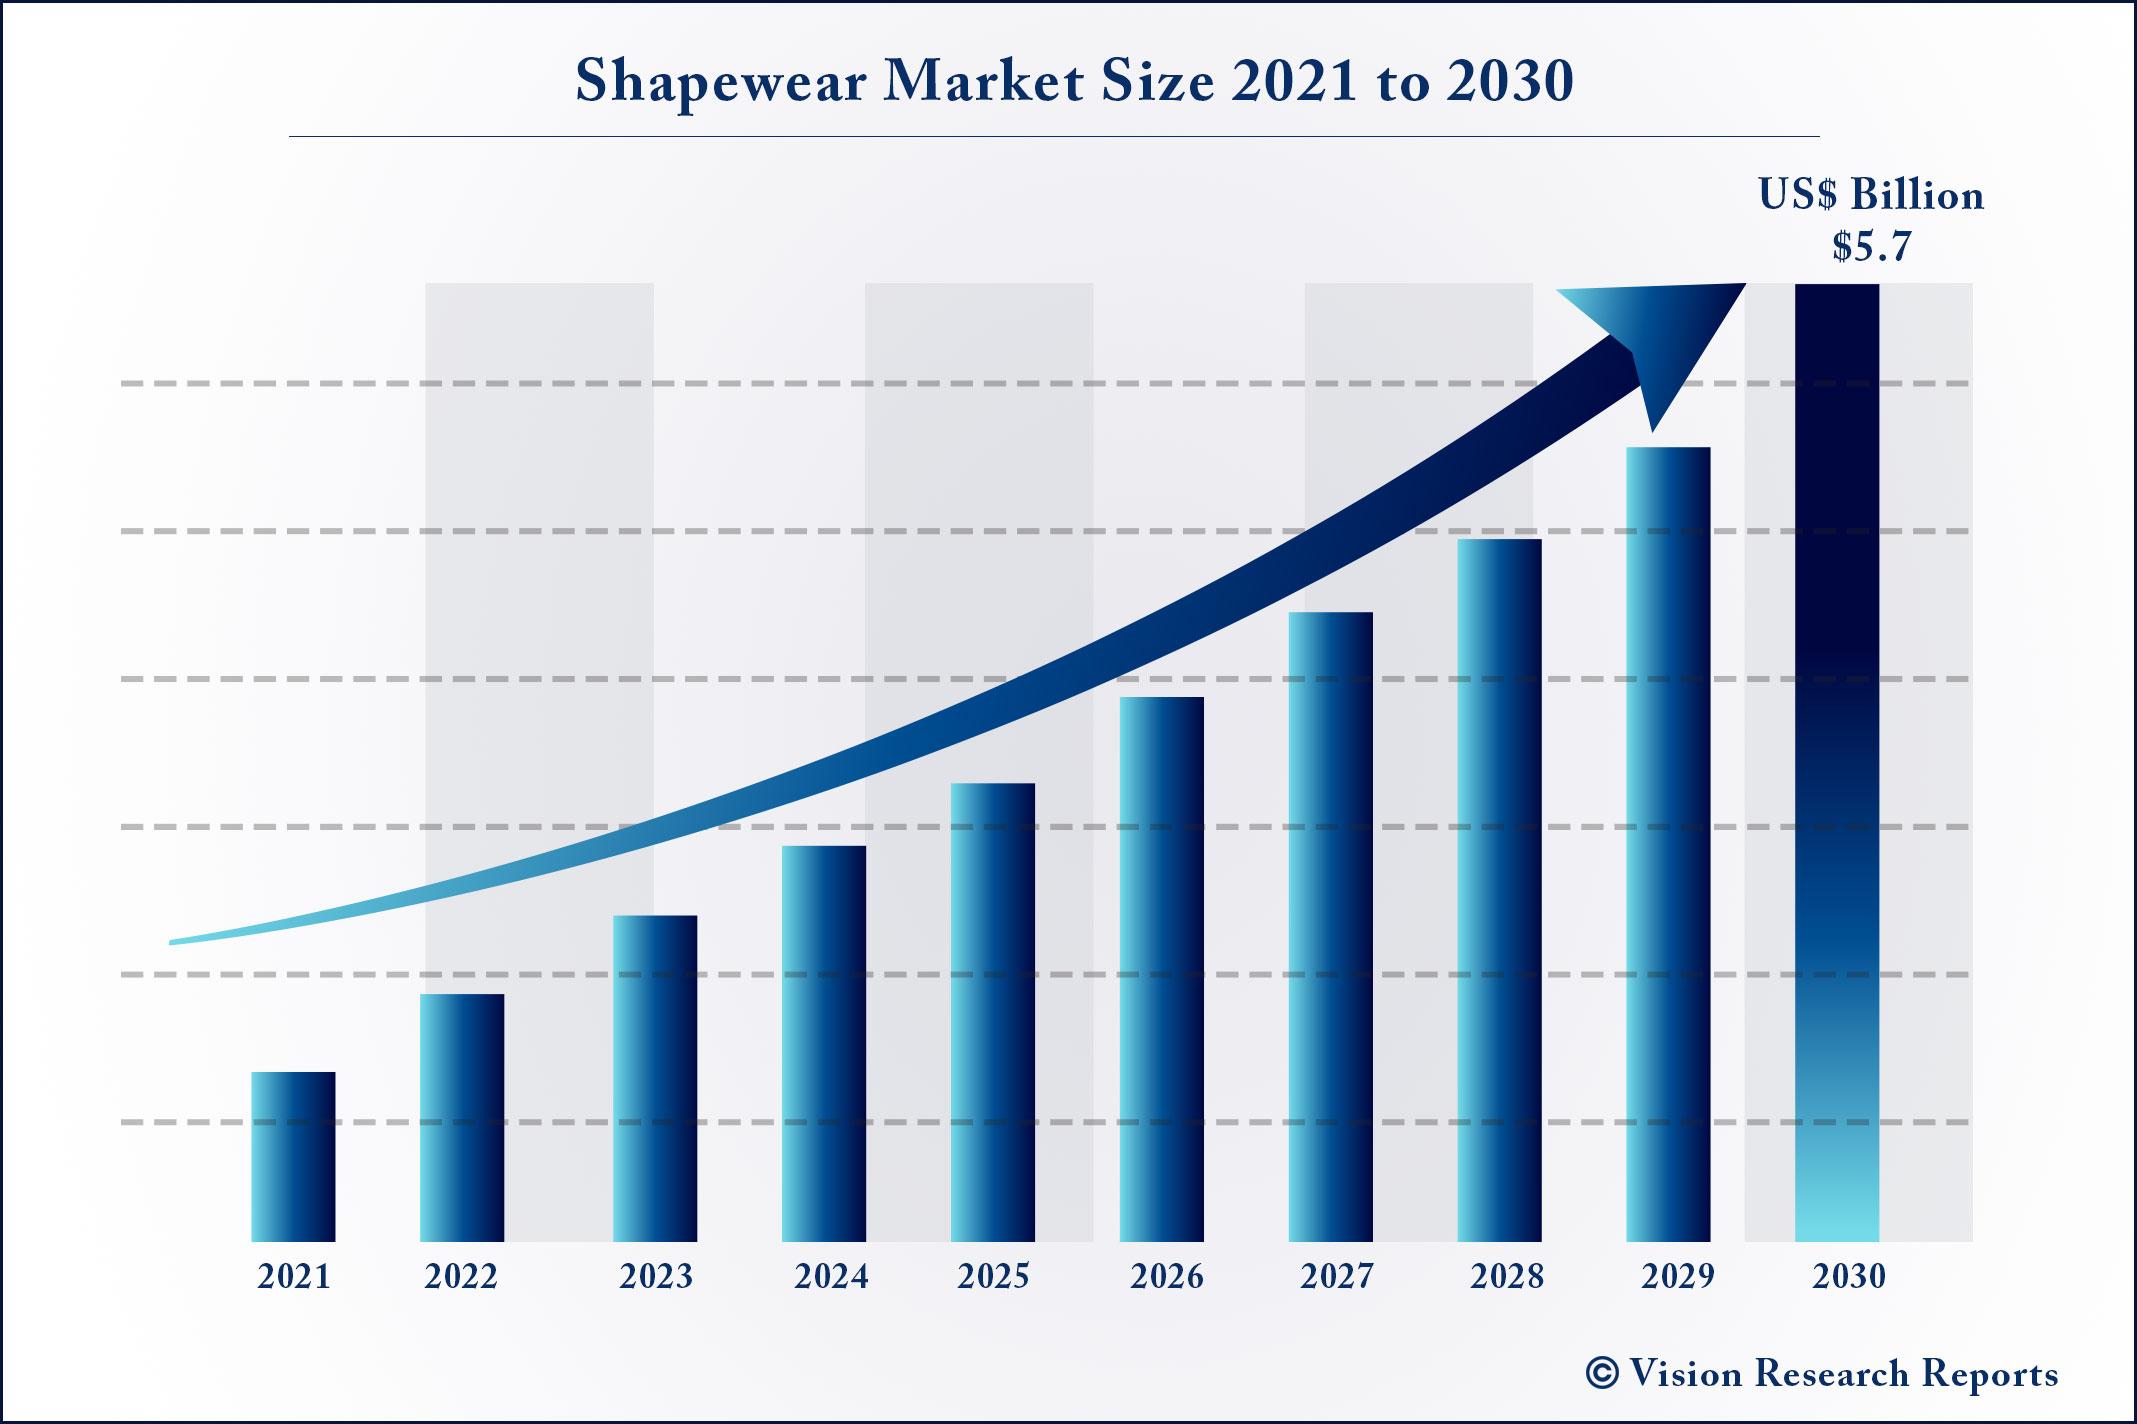 Shapewear Market Size 2021 to 2030